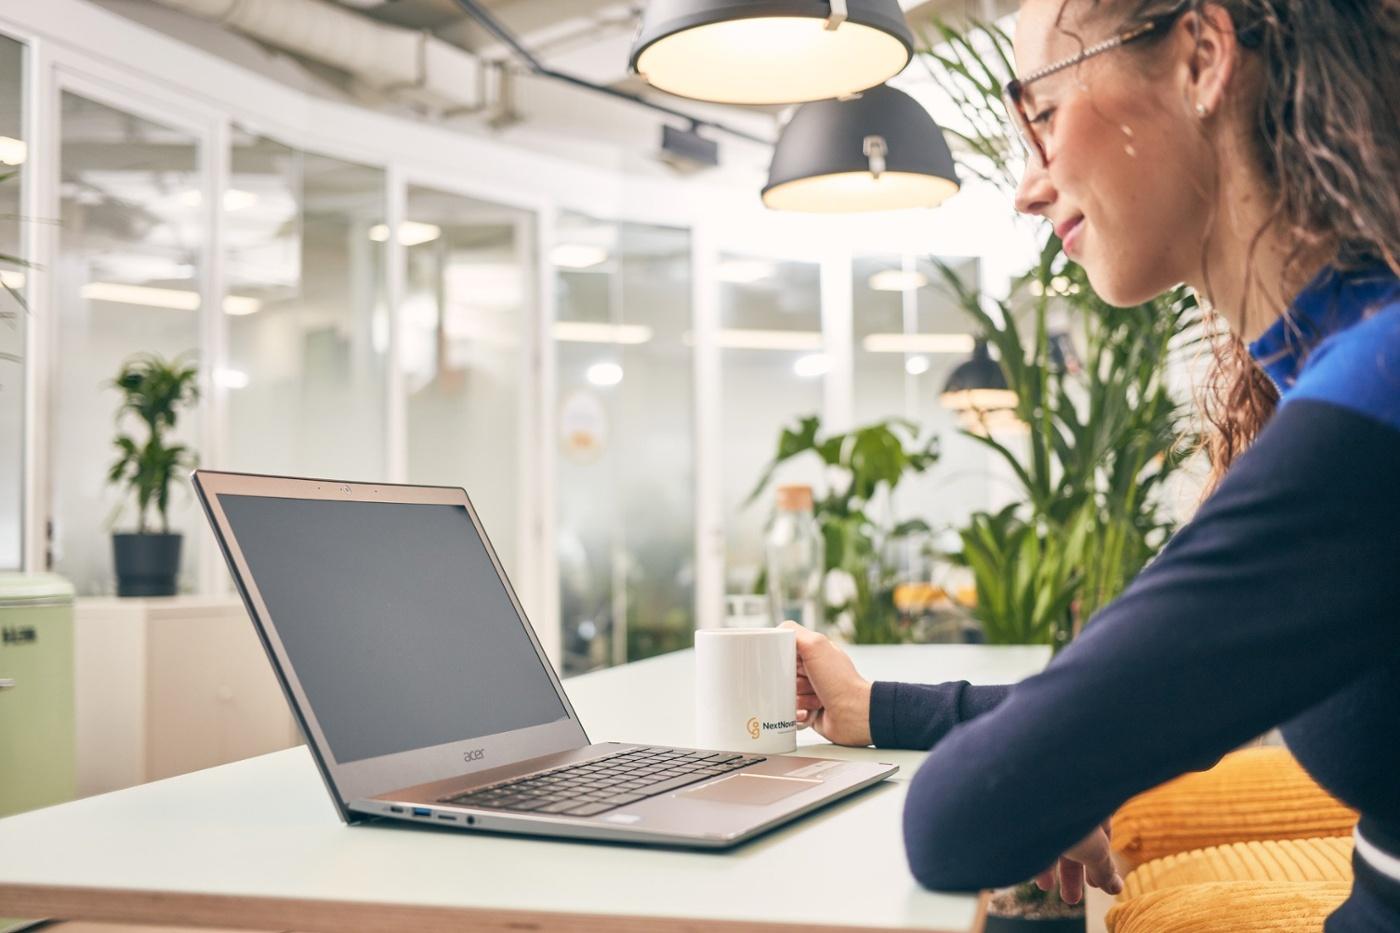 Efficiënter communiceren in organisaties met behulp van Workplace